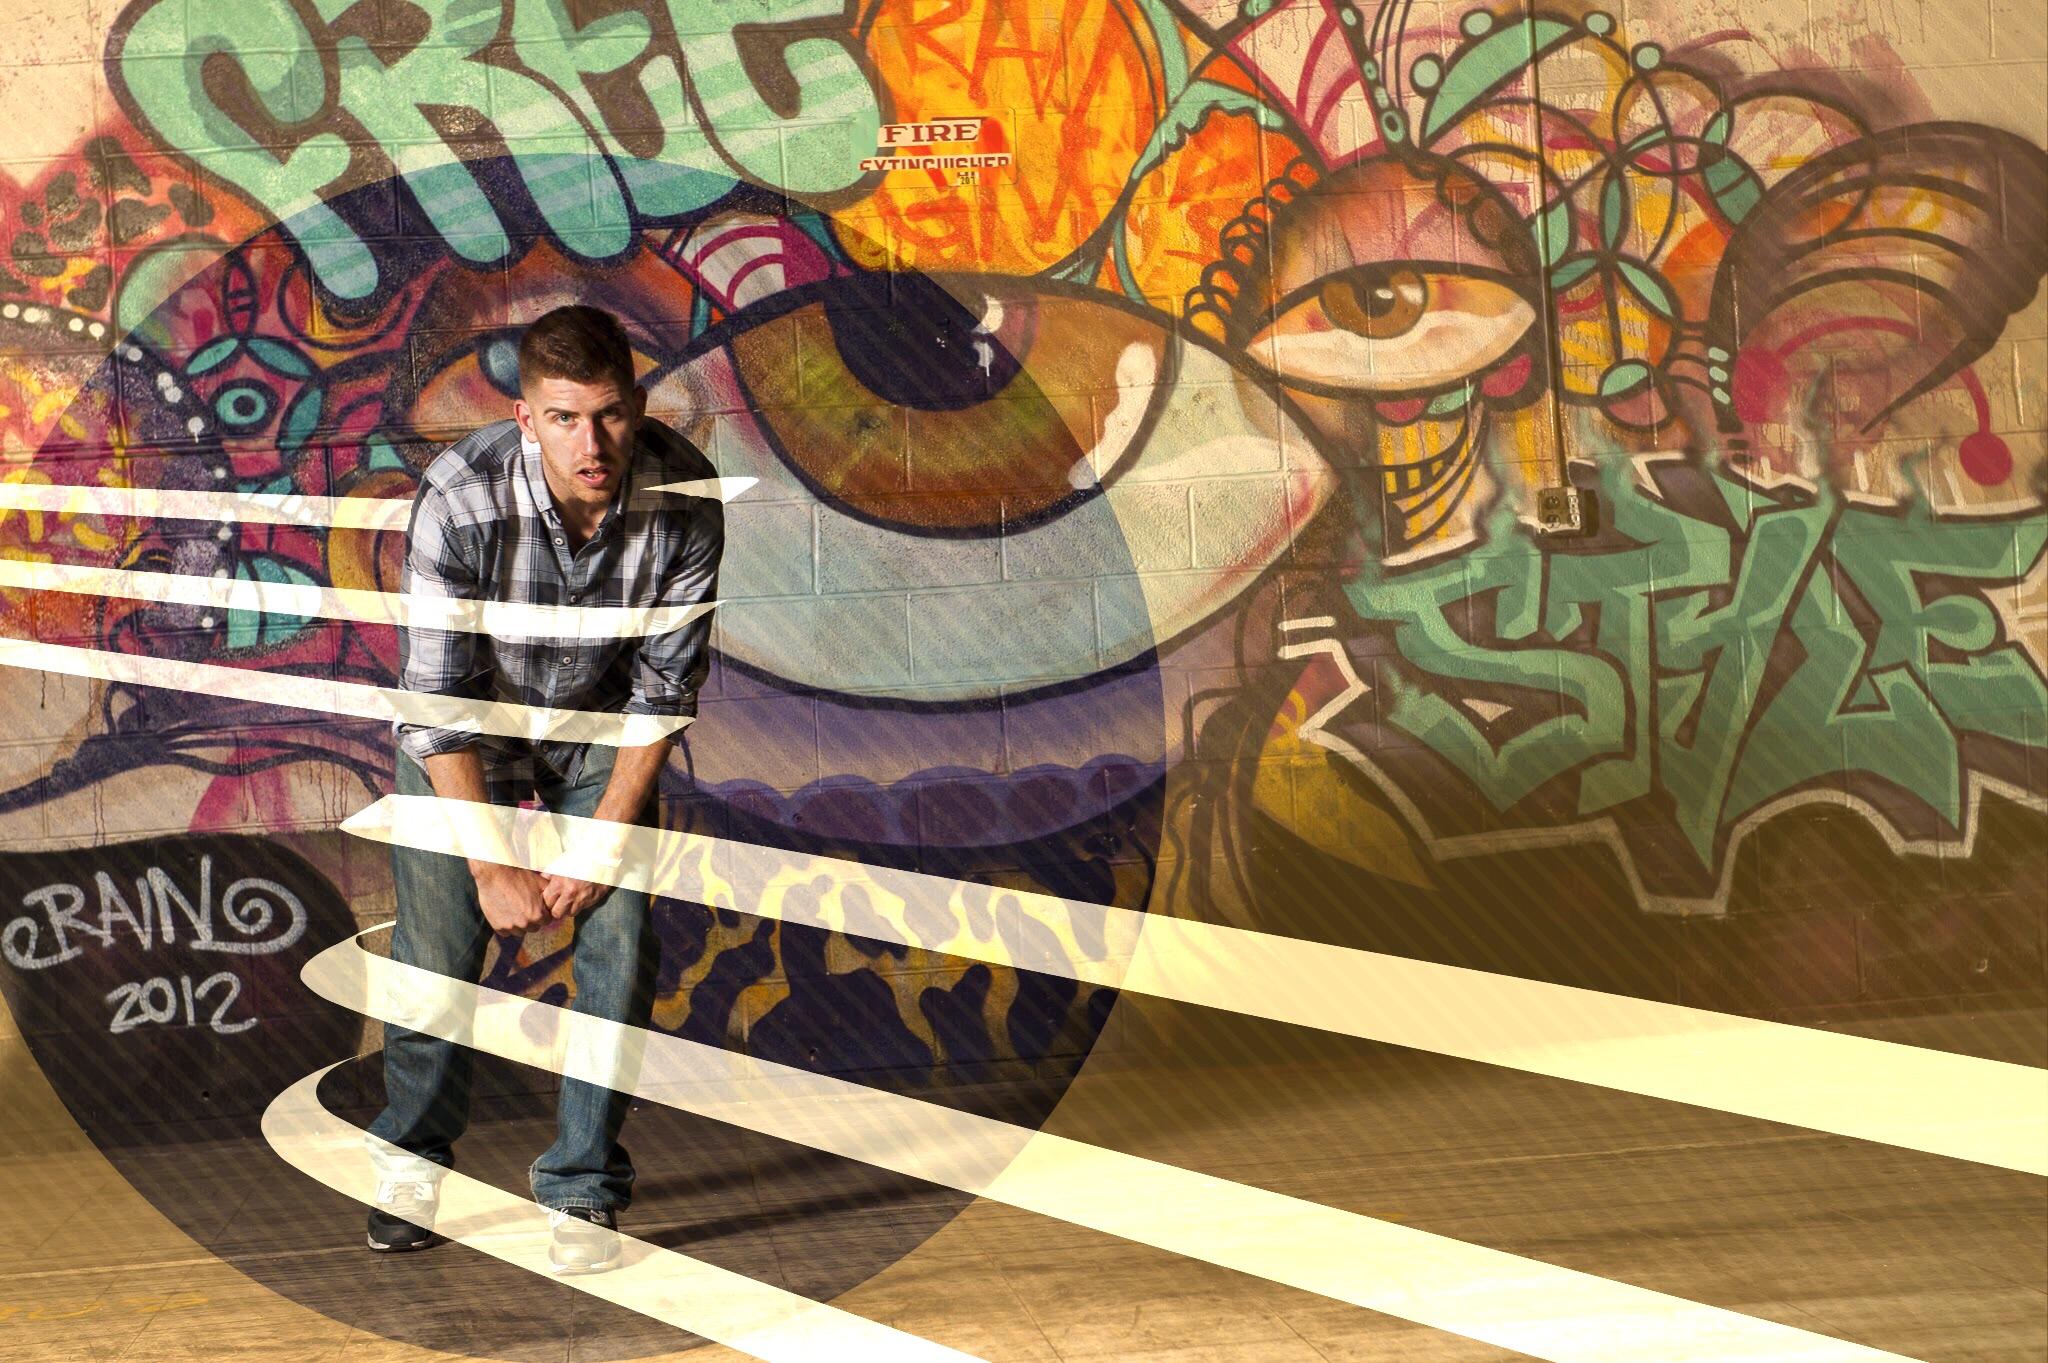 ARTIST BRANDING